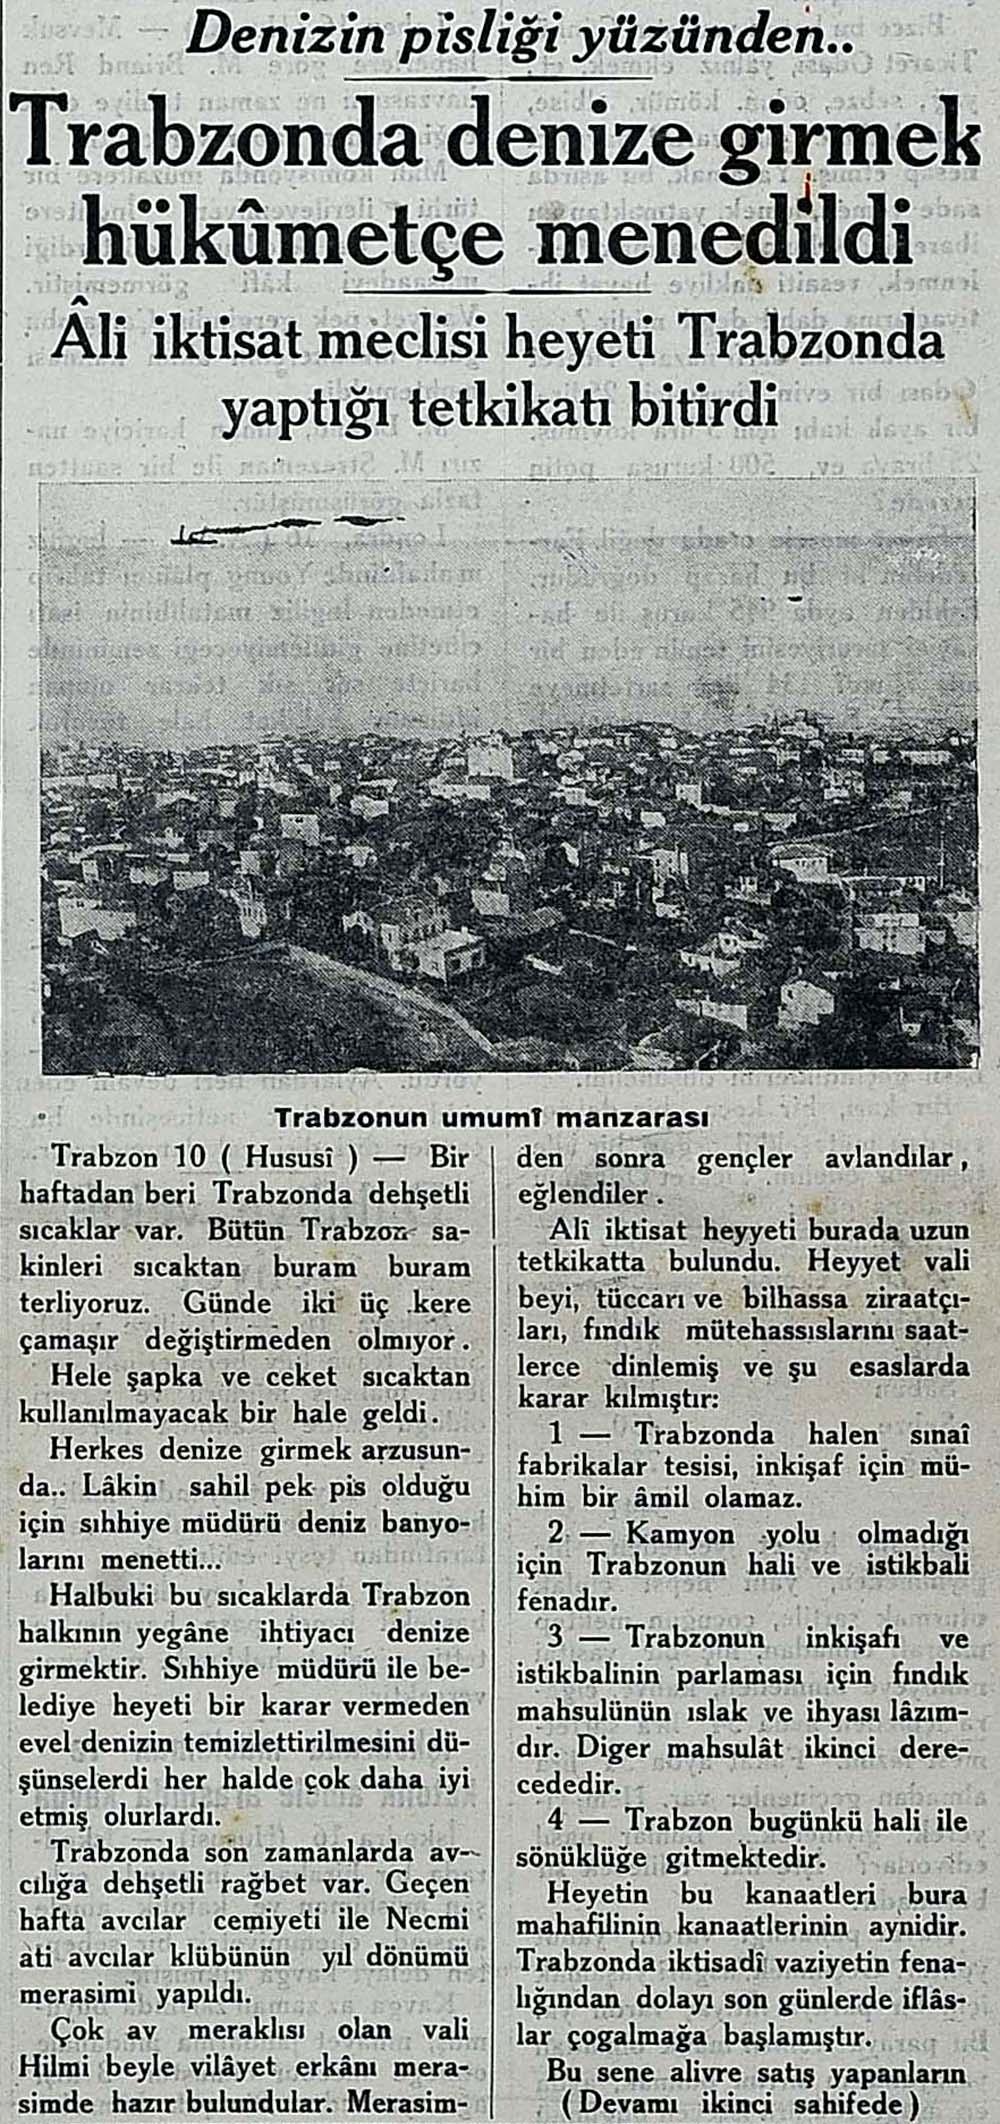 Trabzonda denize girmek hükumetçe menedildi